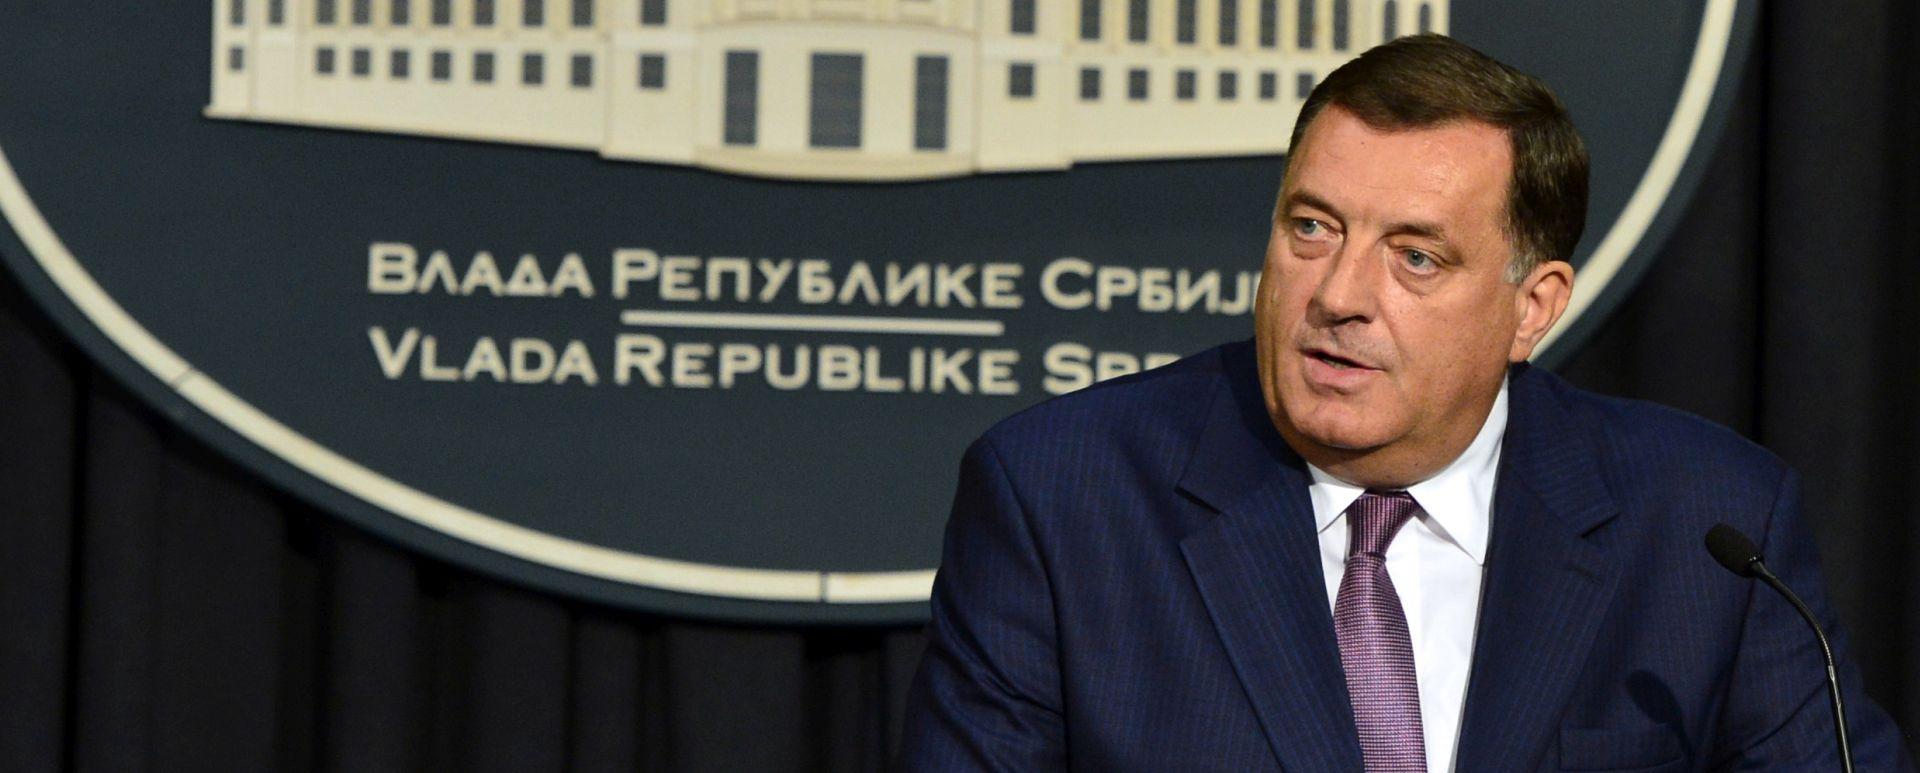 DODIK O MILANOVIĆU: Iskompleksiran je kao i većina hrvatskih političara